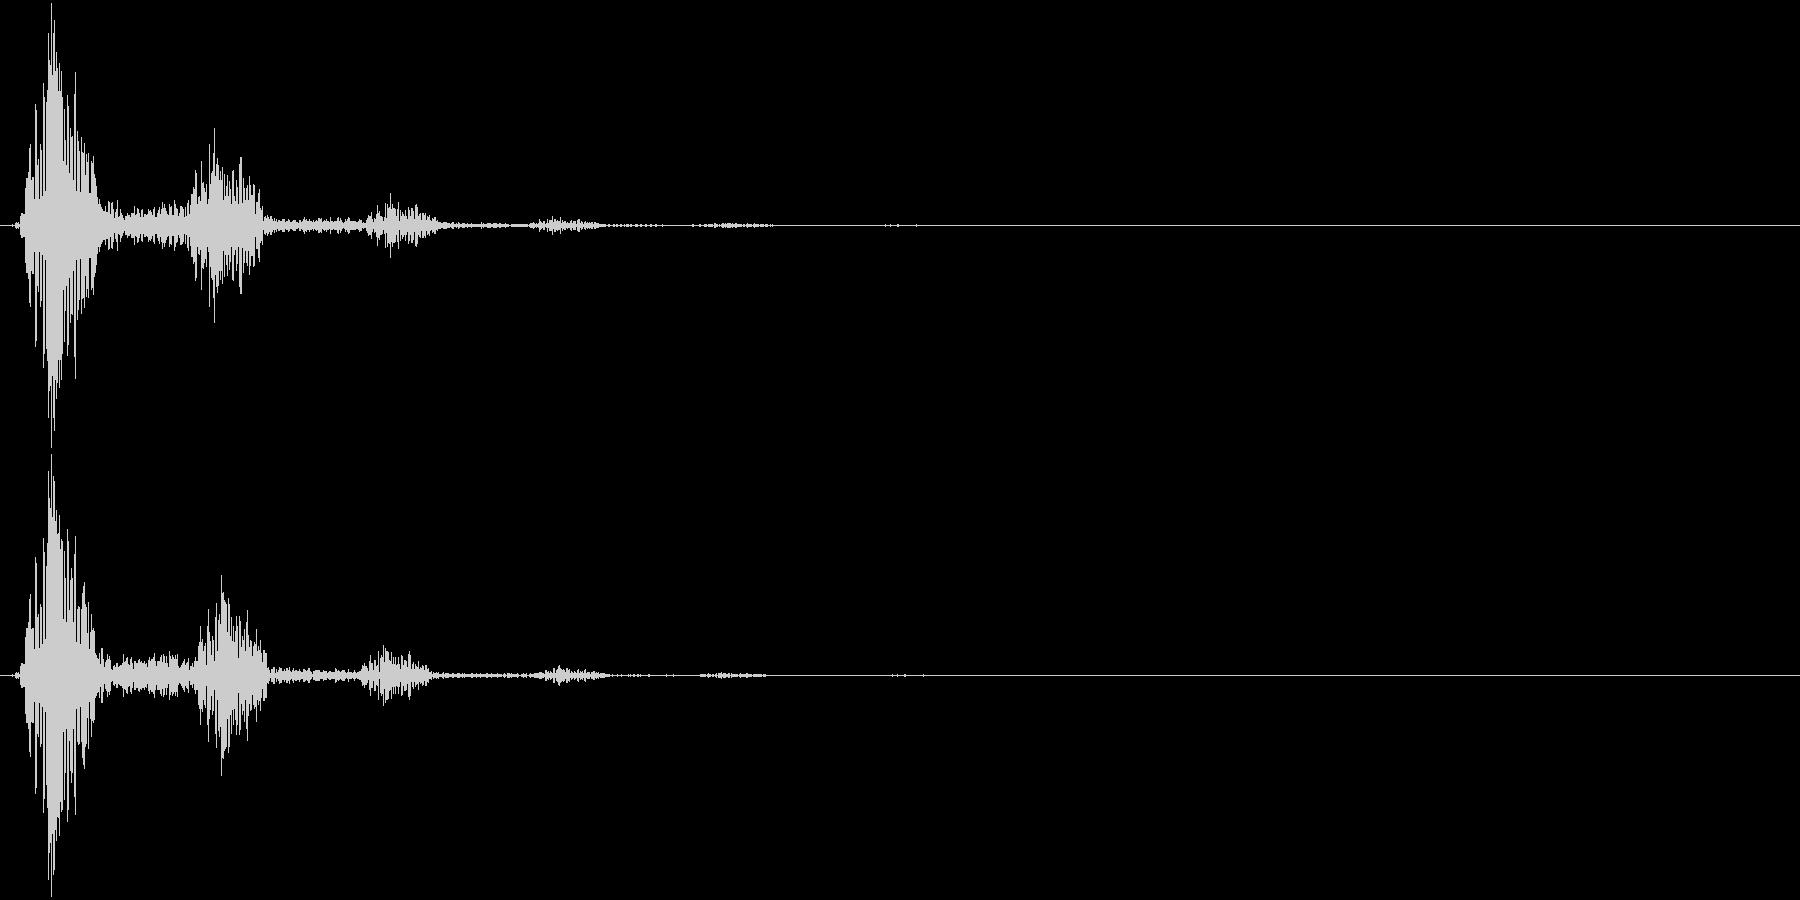 KAKUGE 格闘ゲーム戦闘音 47の未再生の波形